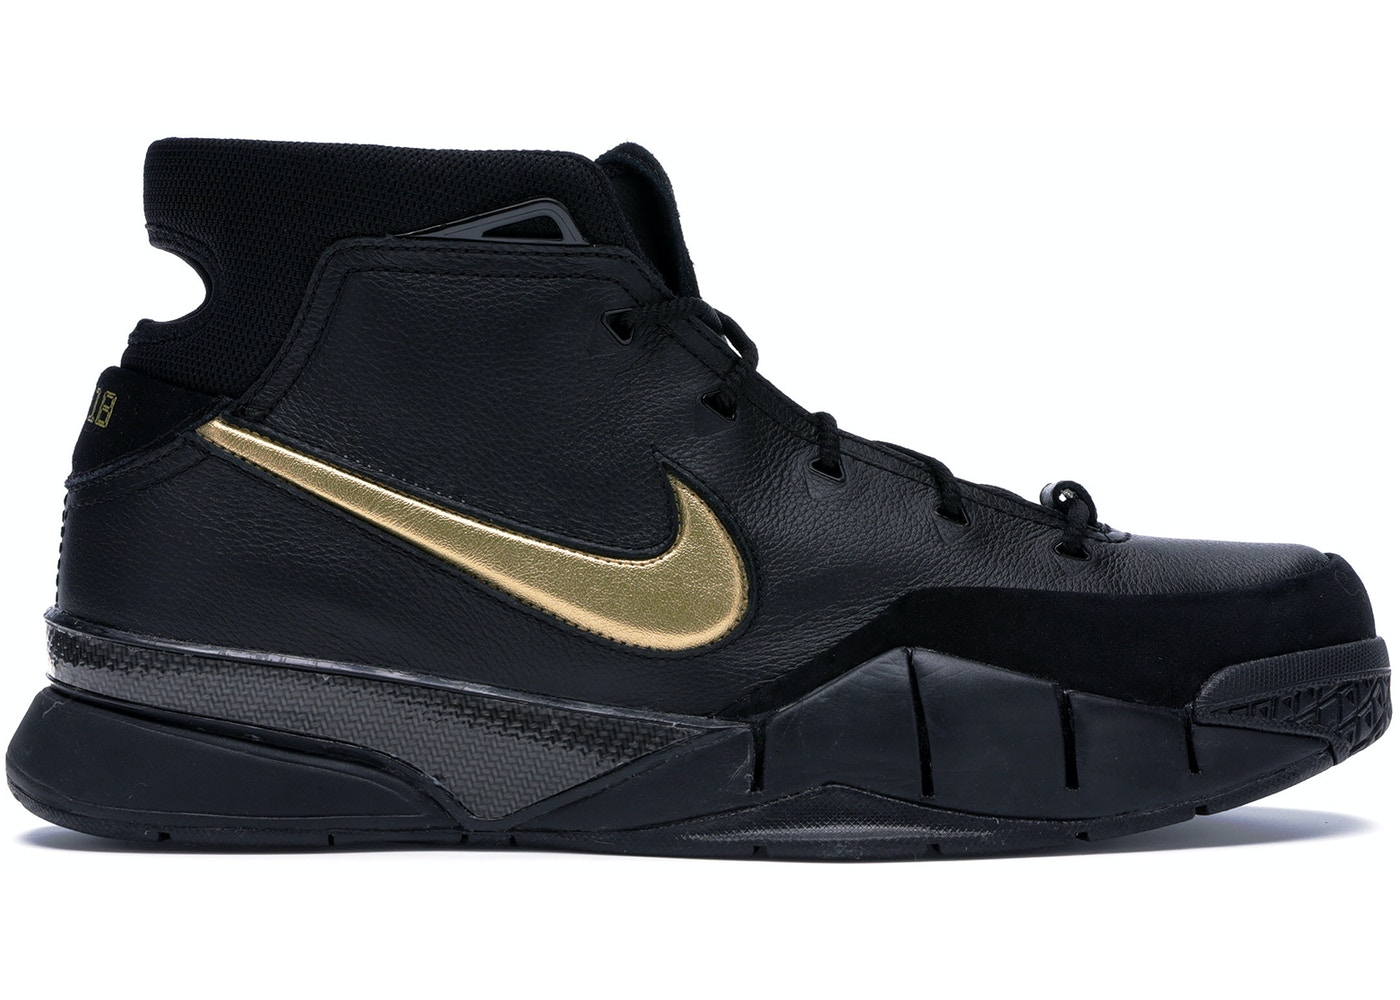 newest d12d7 87d75 Buy Nike Kobe Shoes   Deadstock Sneakers